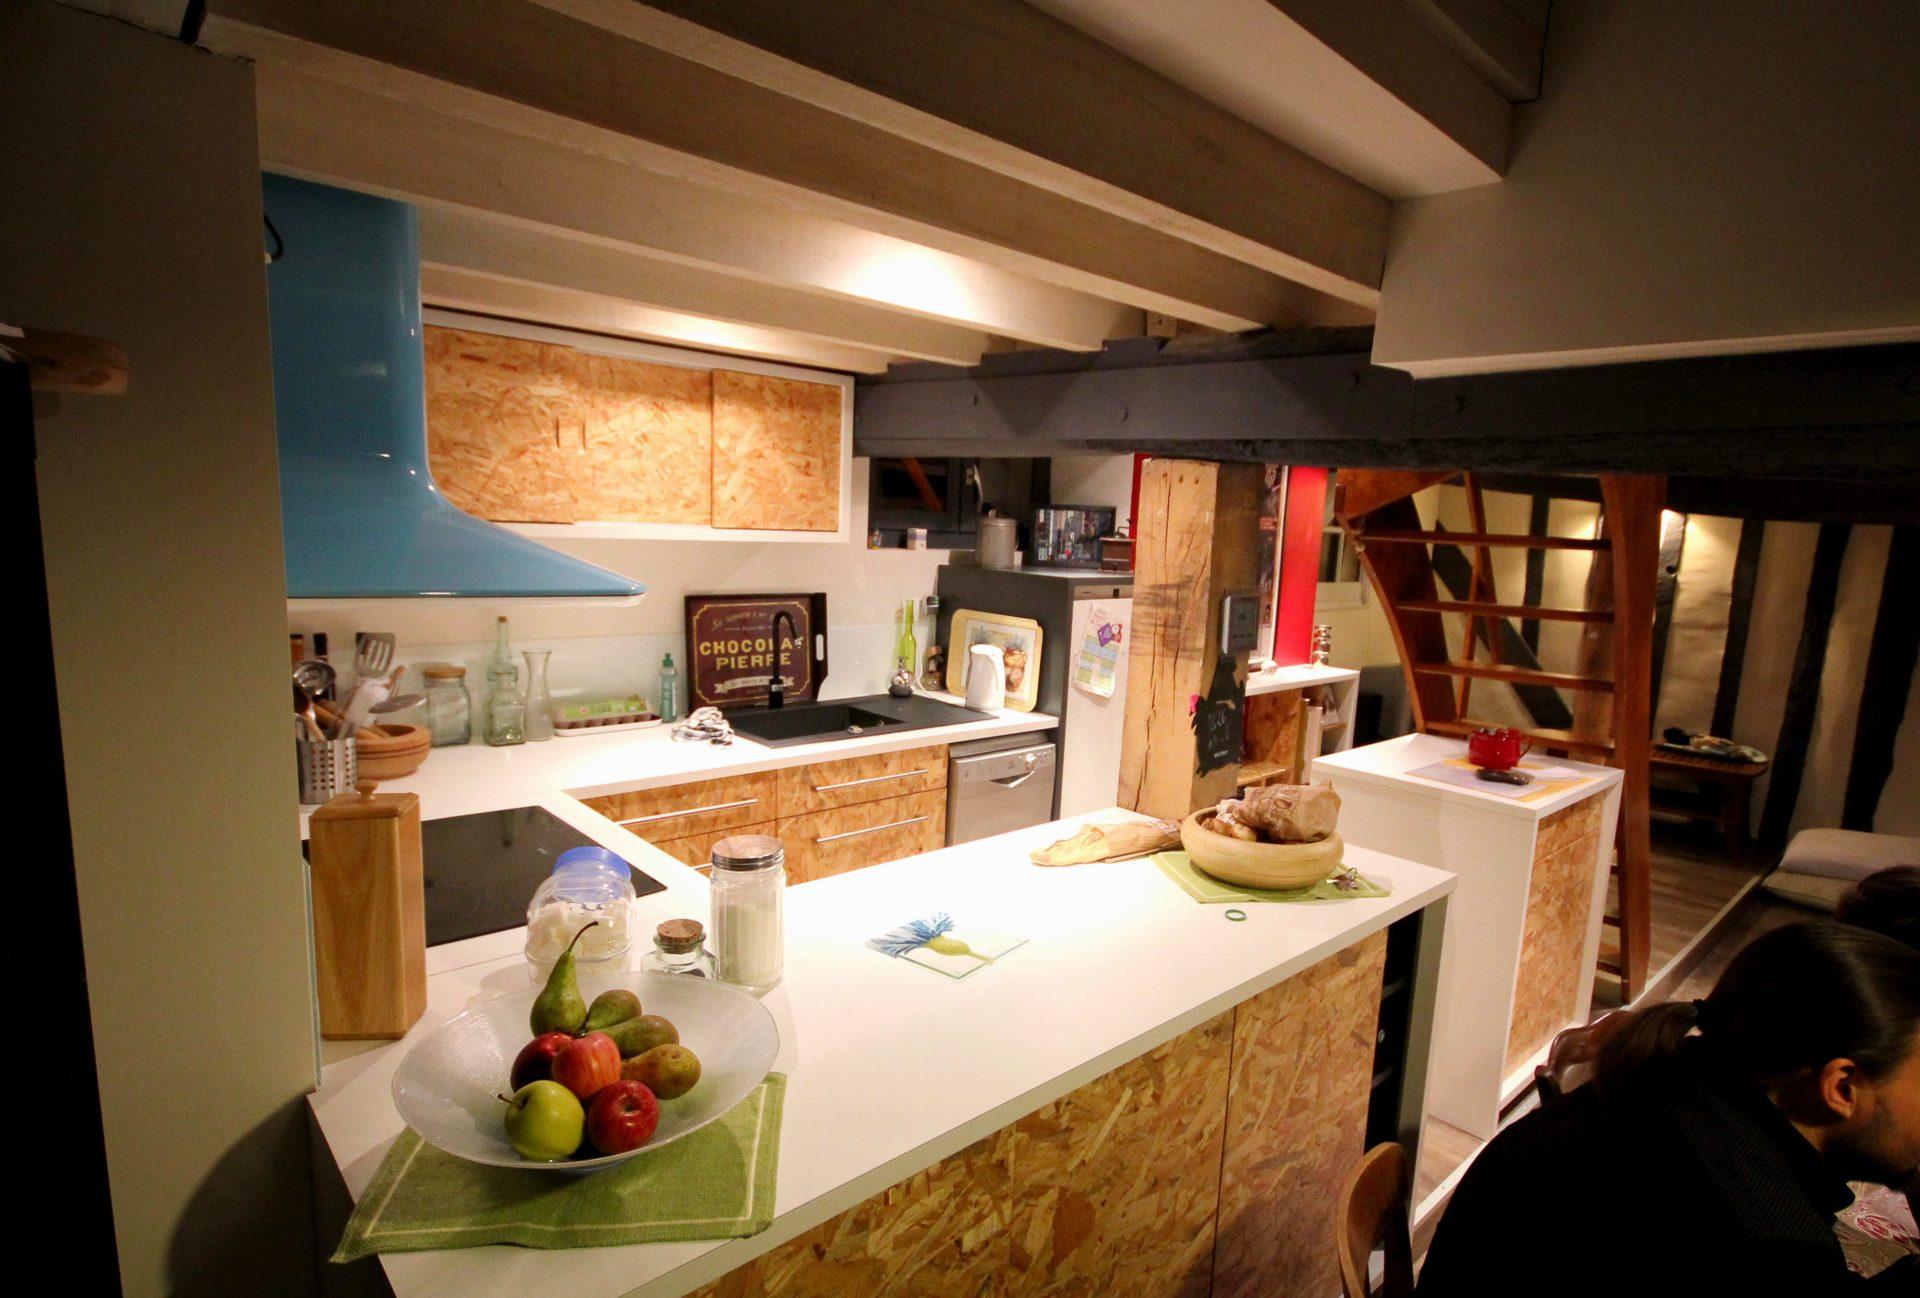 Design architecte d 39 int rieur 3d rennes for Architecture interieur 3d